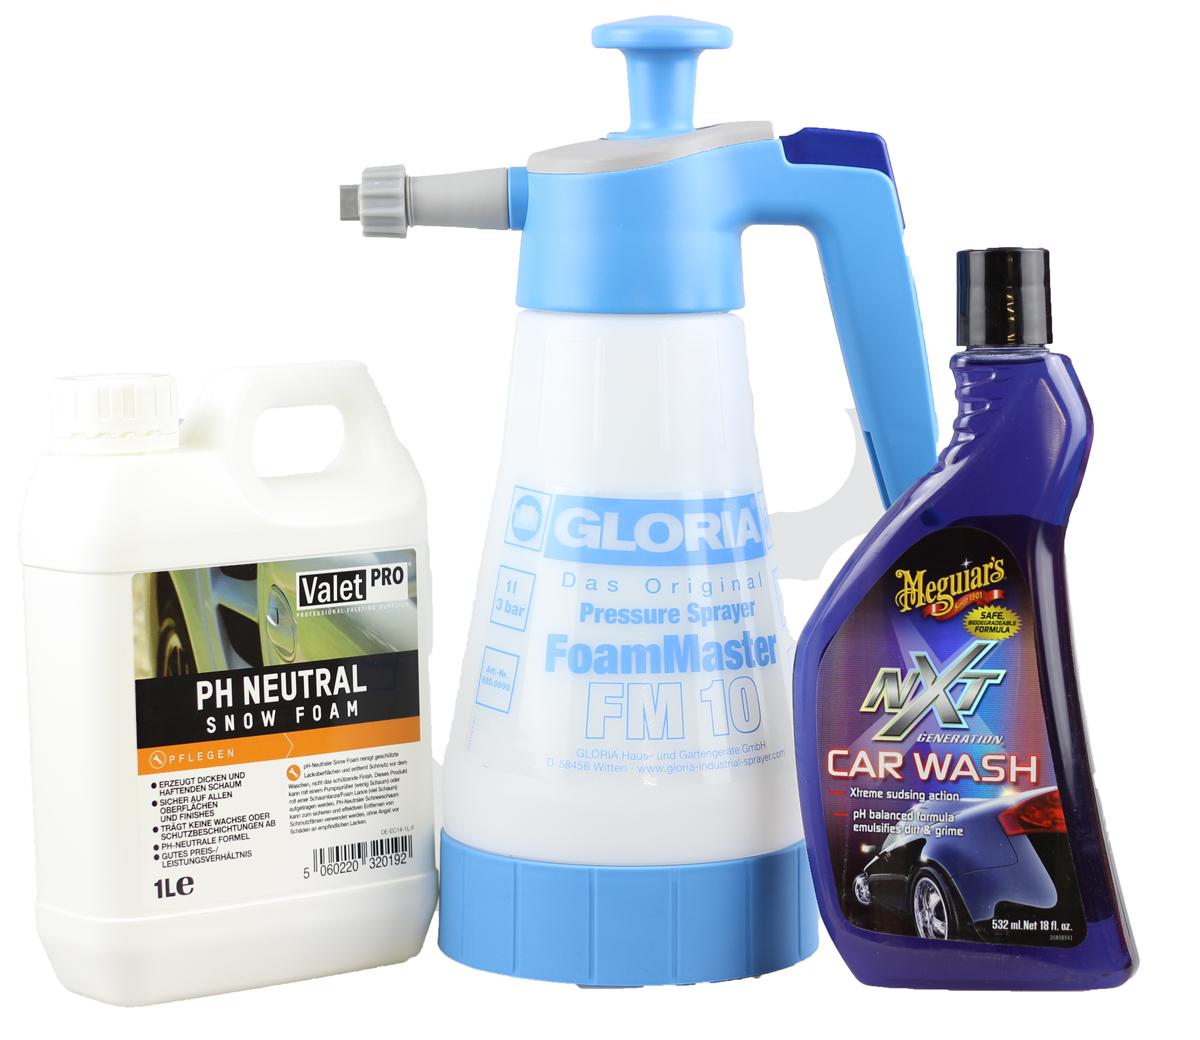 agw gloria fm 10 foam master valetpro ph neutral snow foam 1000ml meguiar s nxt shampoo 532 ml. Black Bedroom Furniture Sets. Home Design Ideas